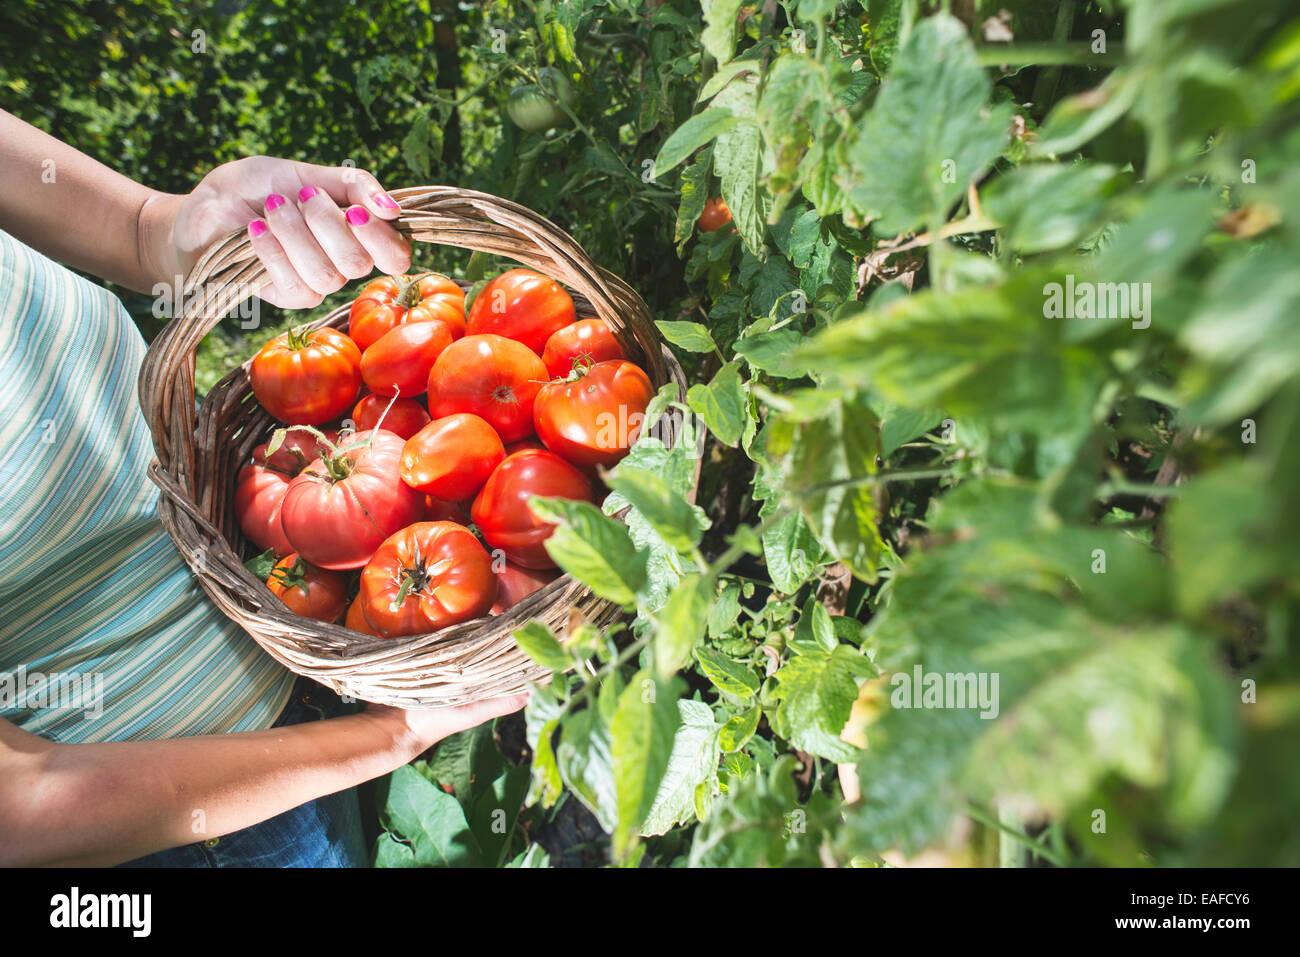 La cueillette des tomates dans le panier. Jardin privé Photo Stock